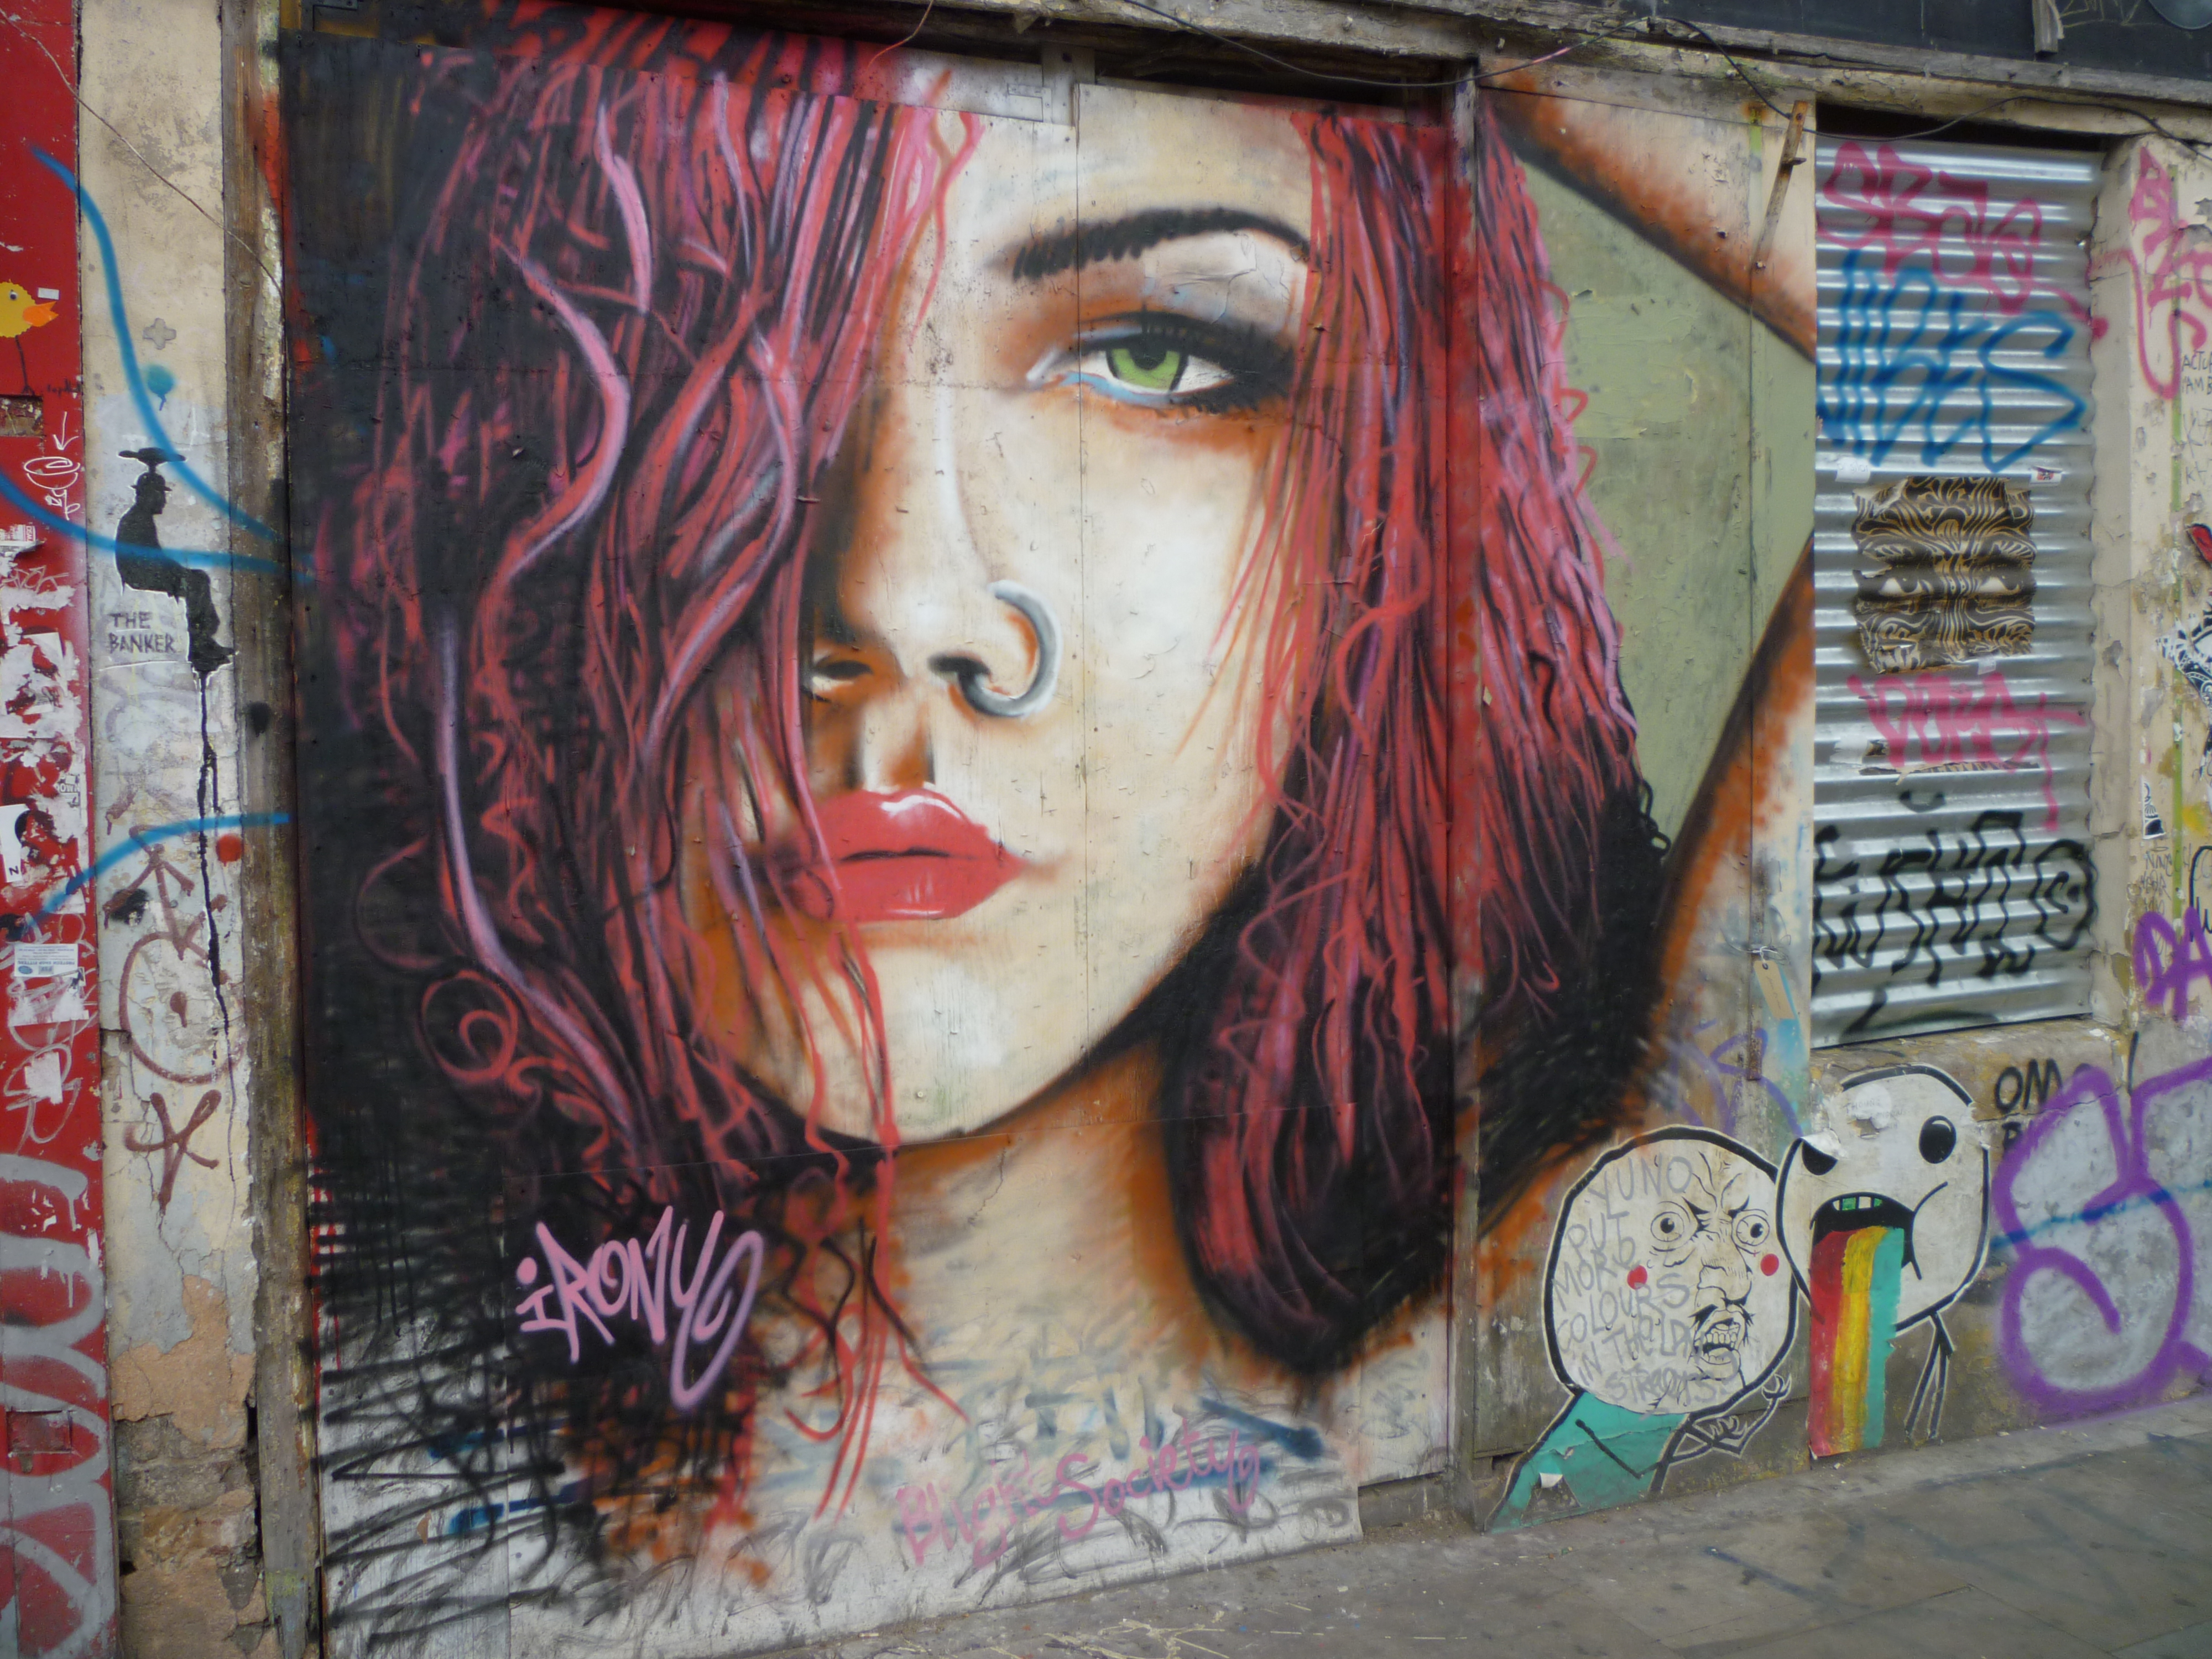 Street Art in London - portrait 7